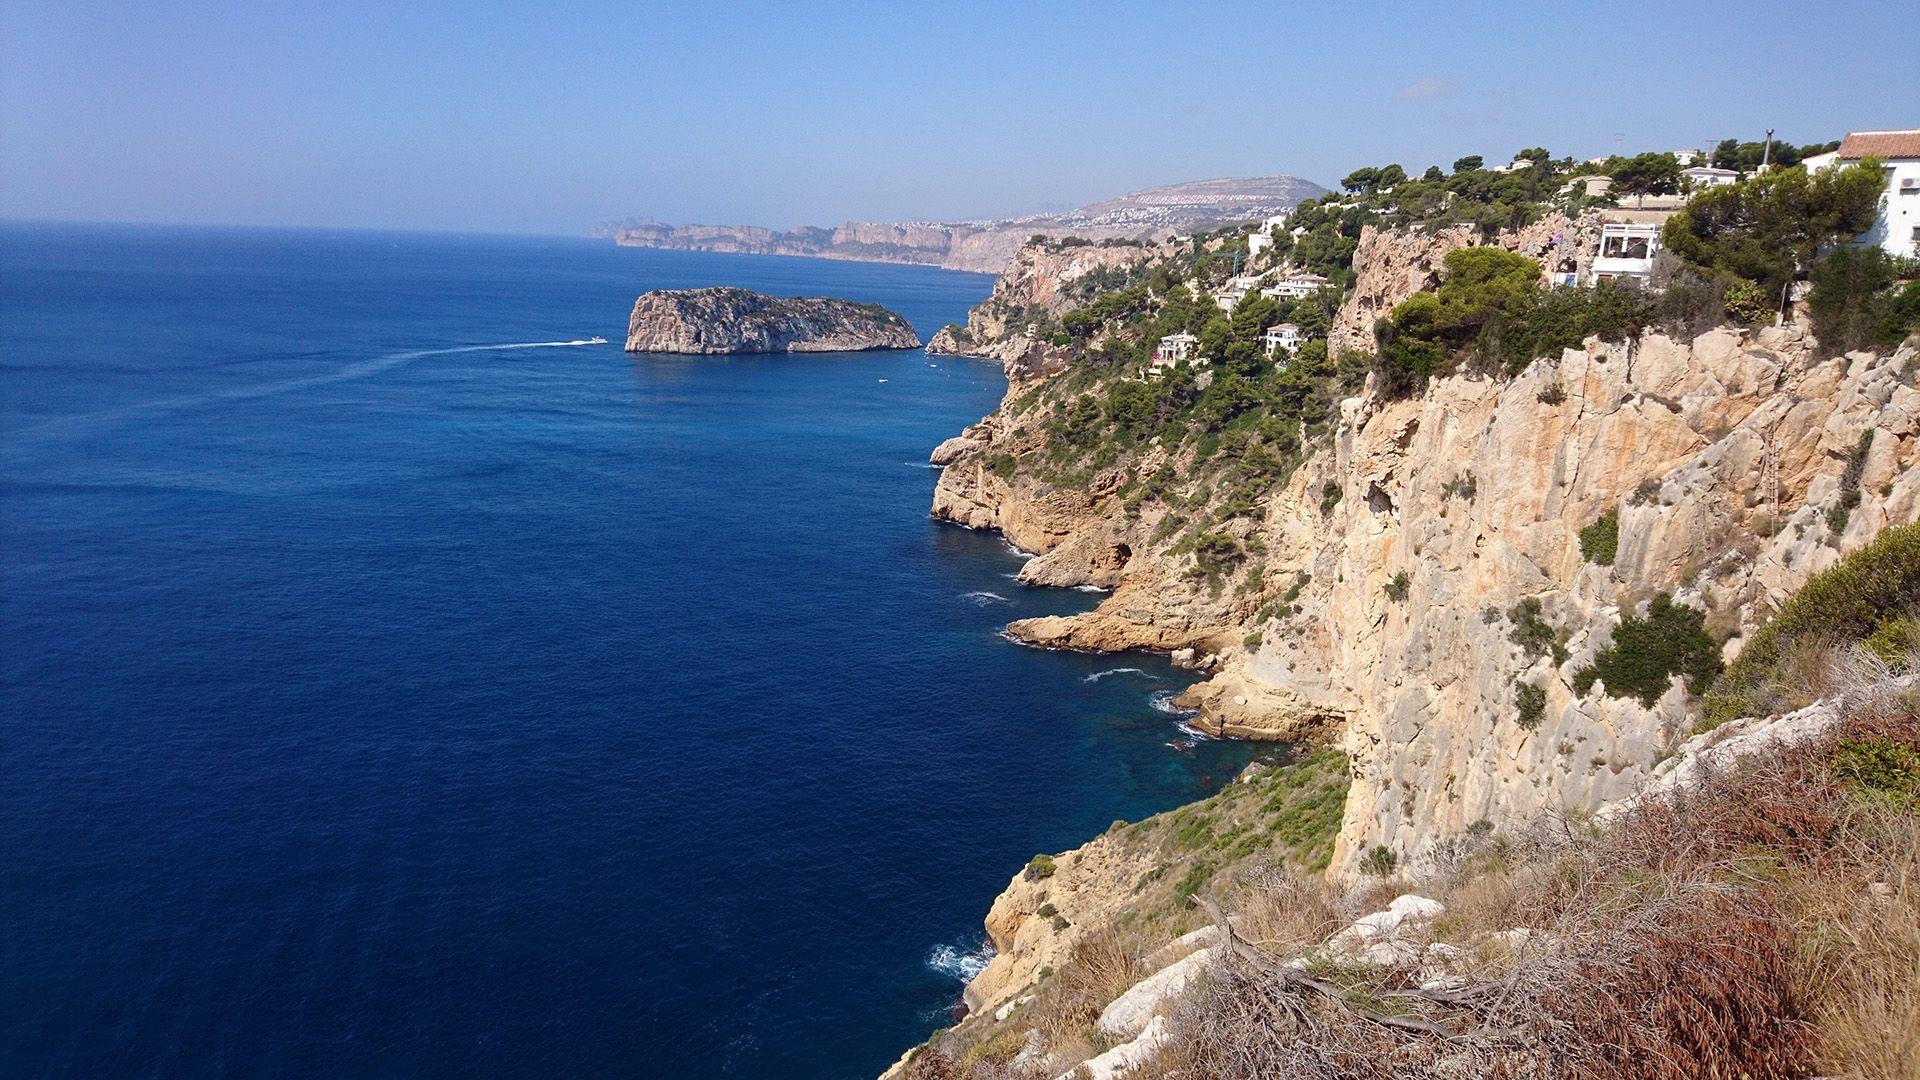 Valencia ecotourism, parks, gardens and beaches